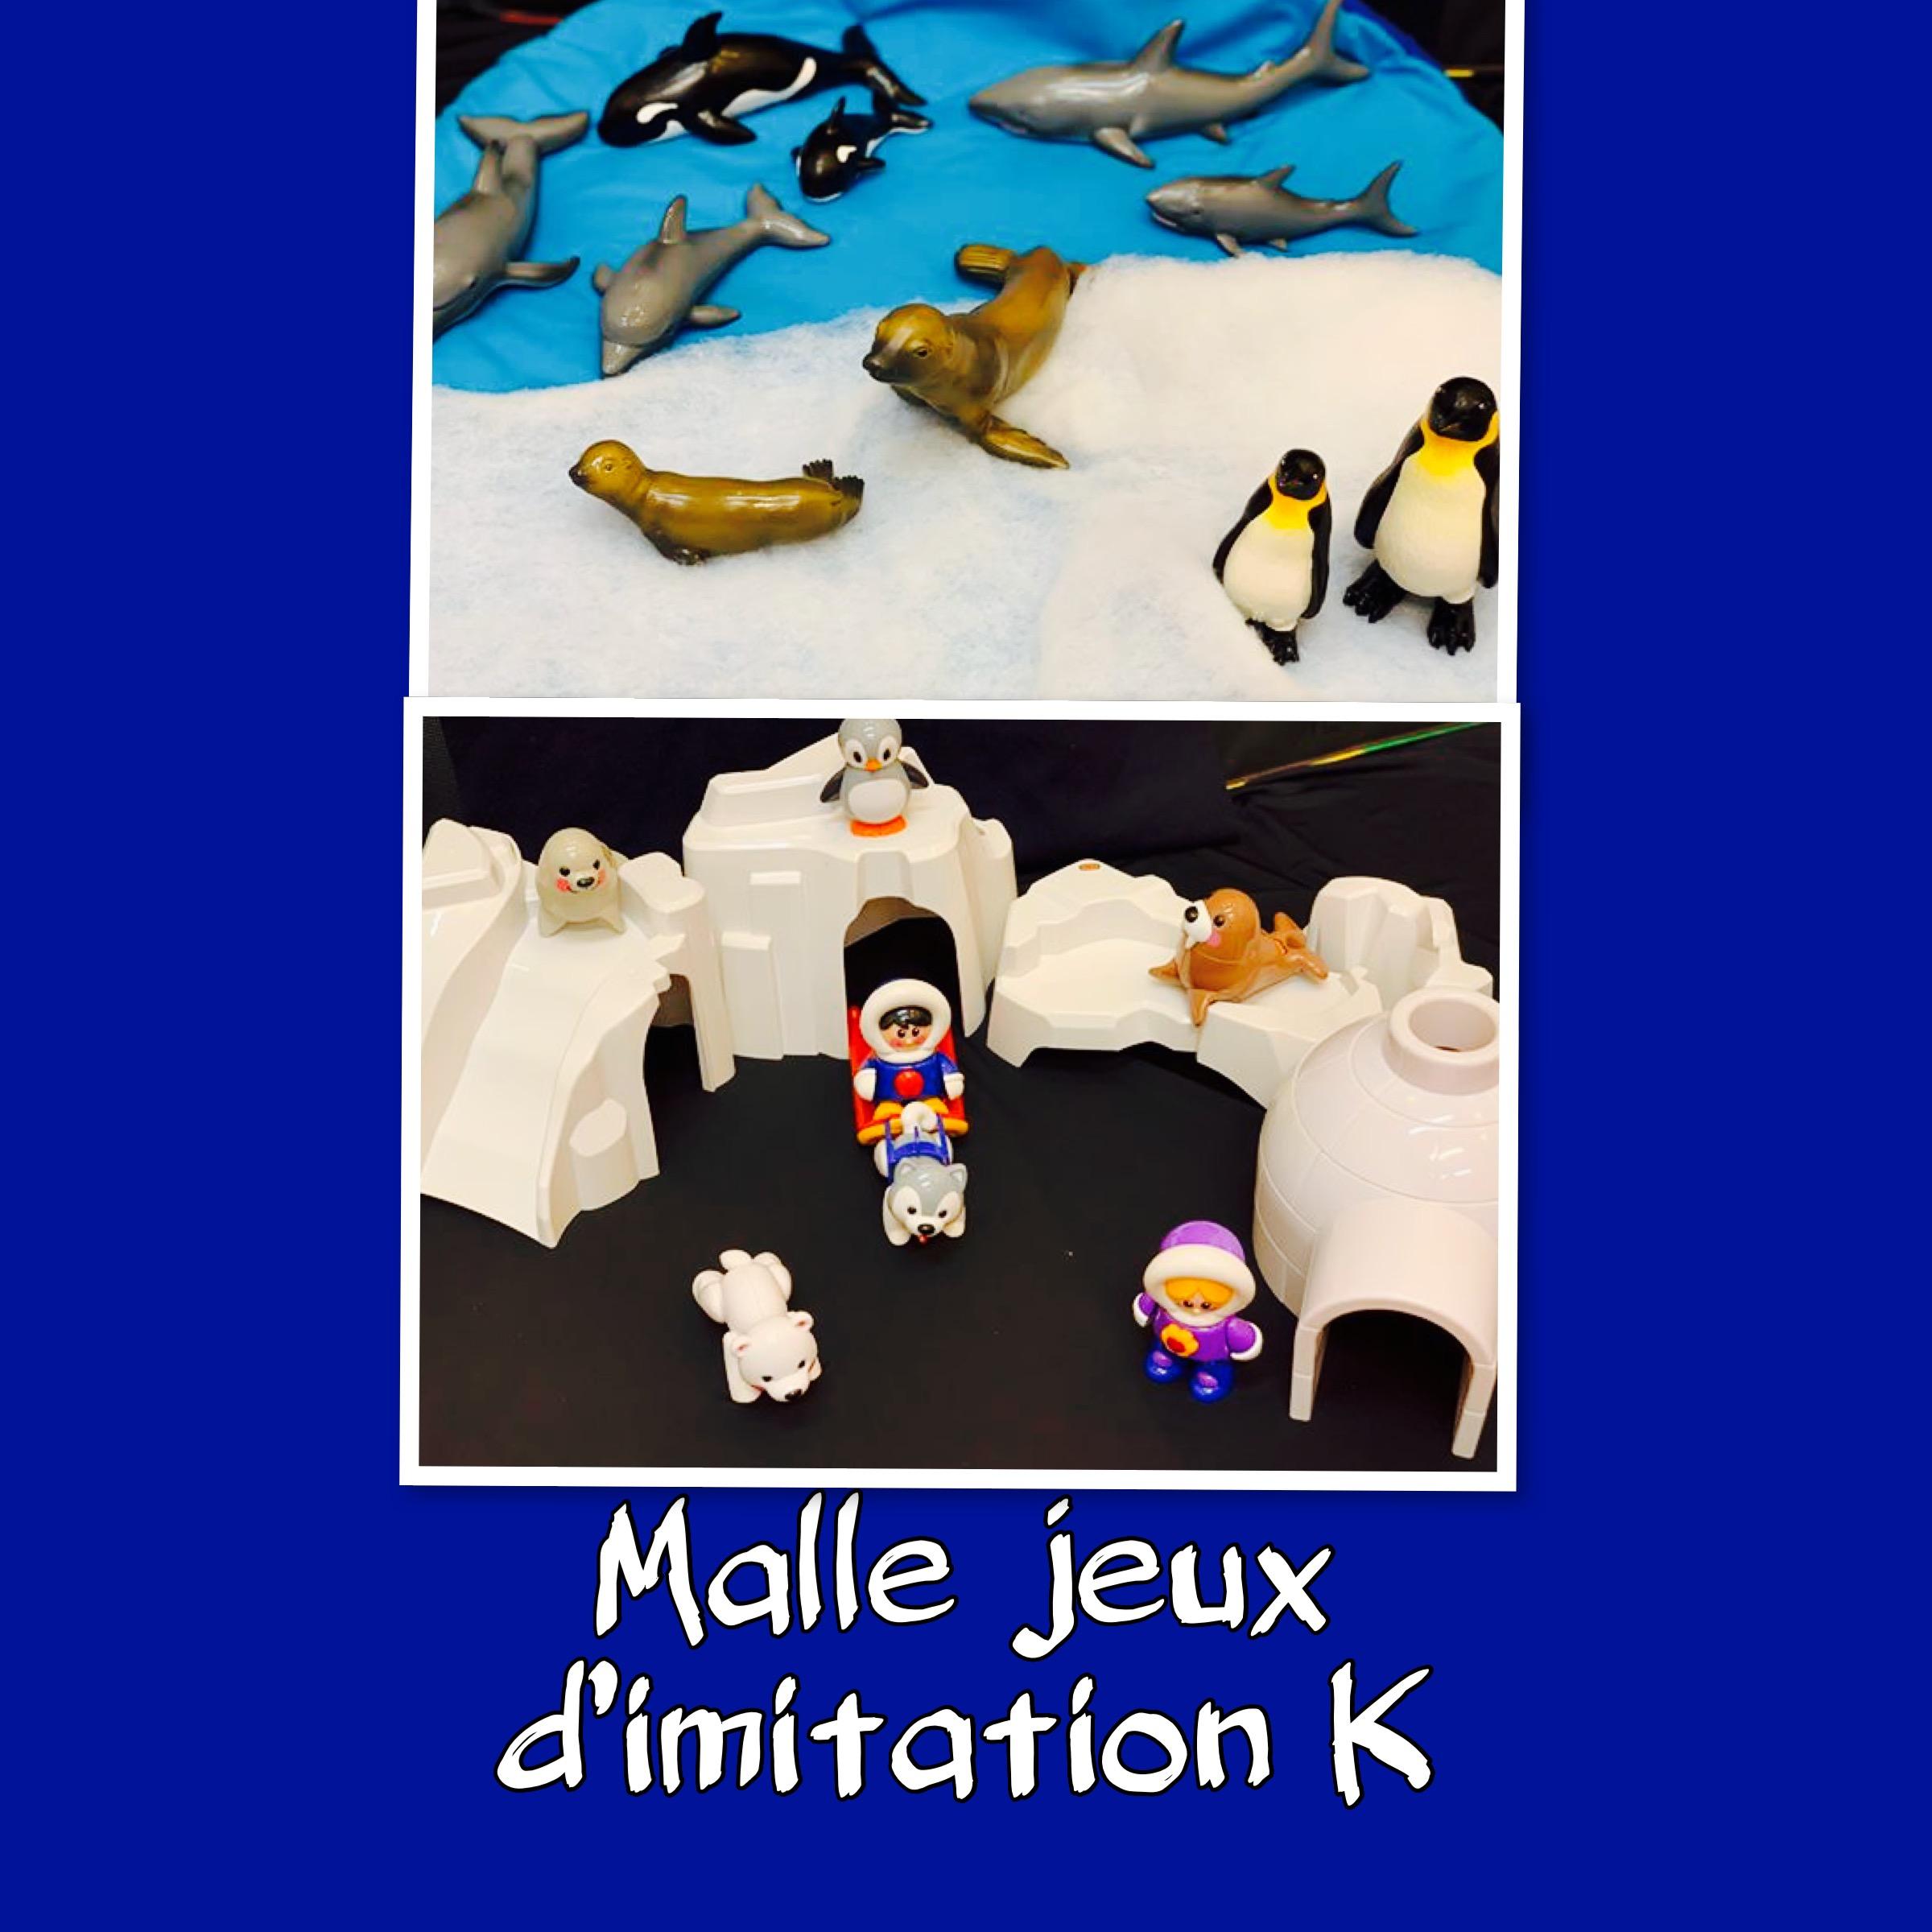 Malle imitation 3